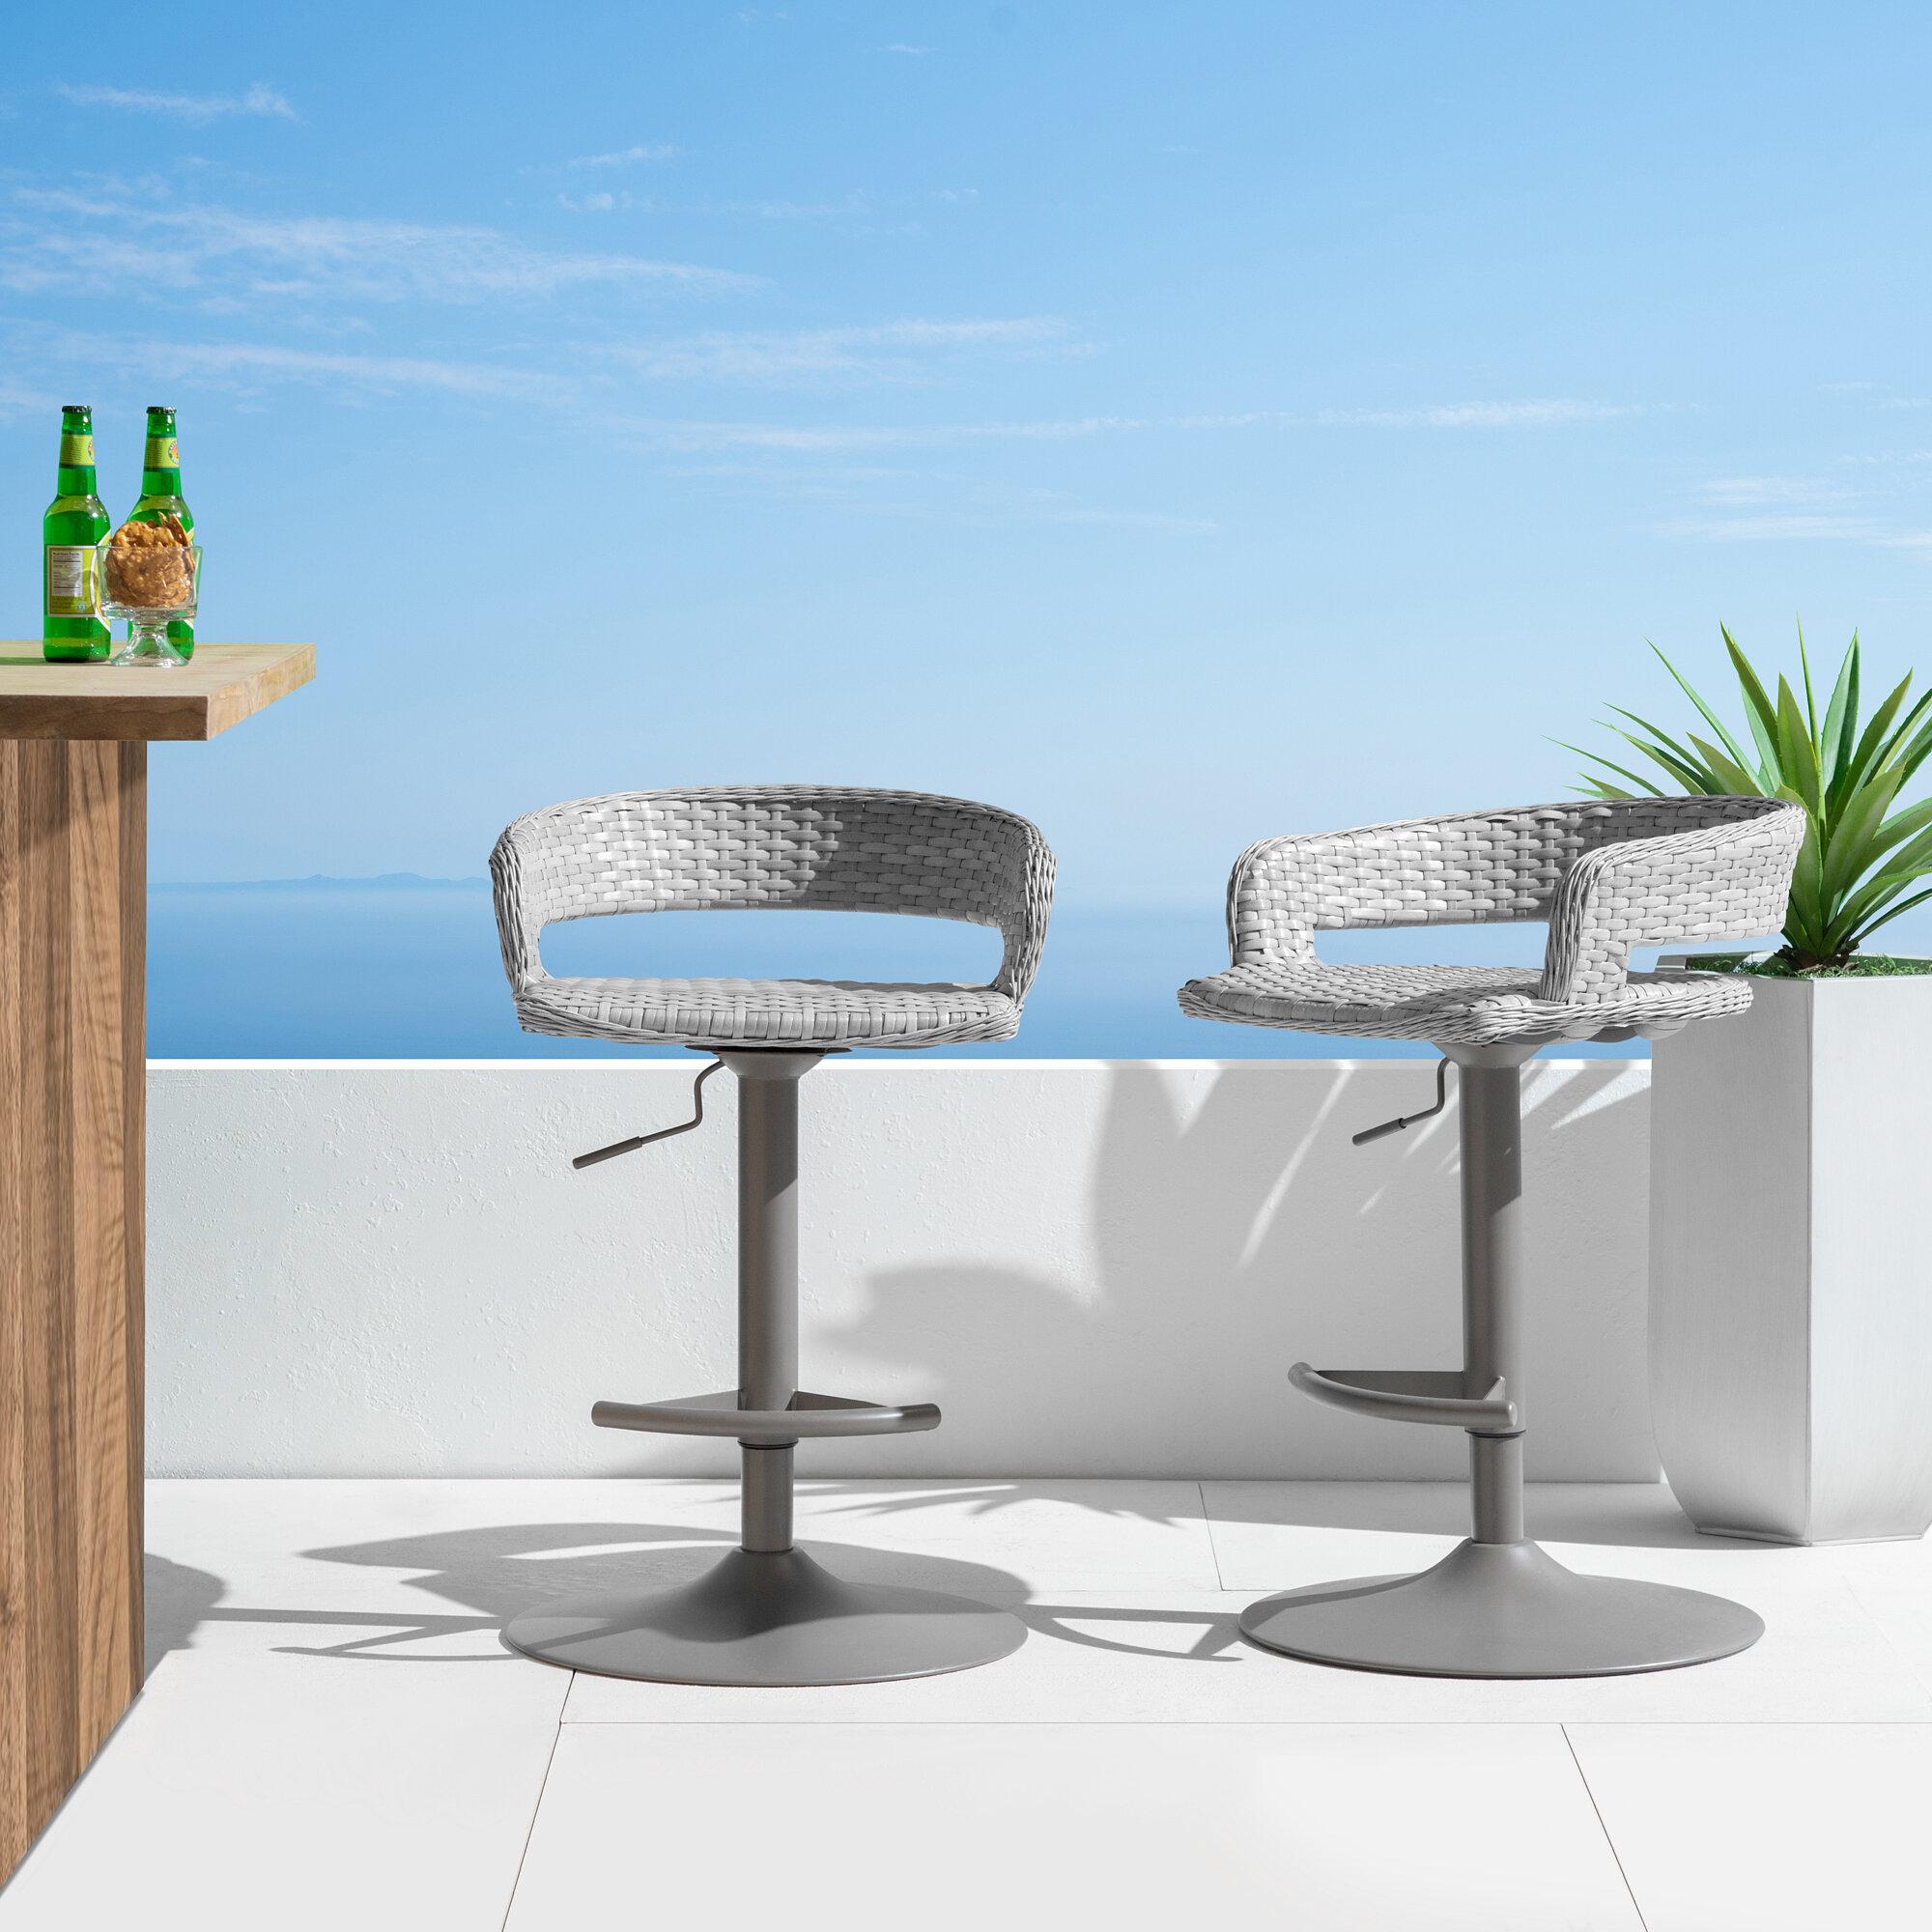 Strange Brayden Studio Binford Comfort Airlift Patio Bar Stool Dailytribune Chair Design For Home Dailytribuneorg